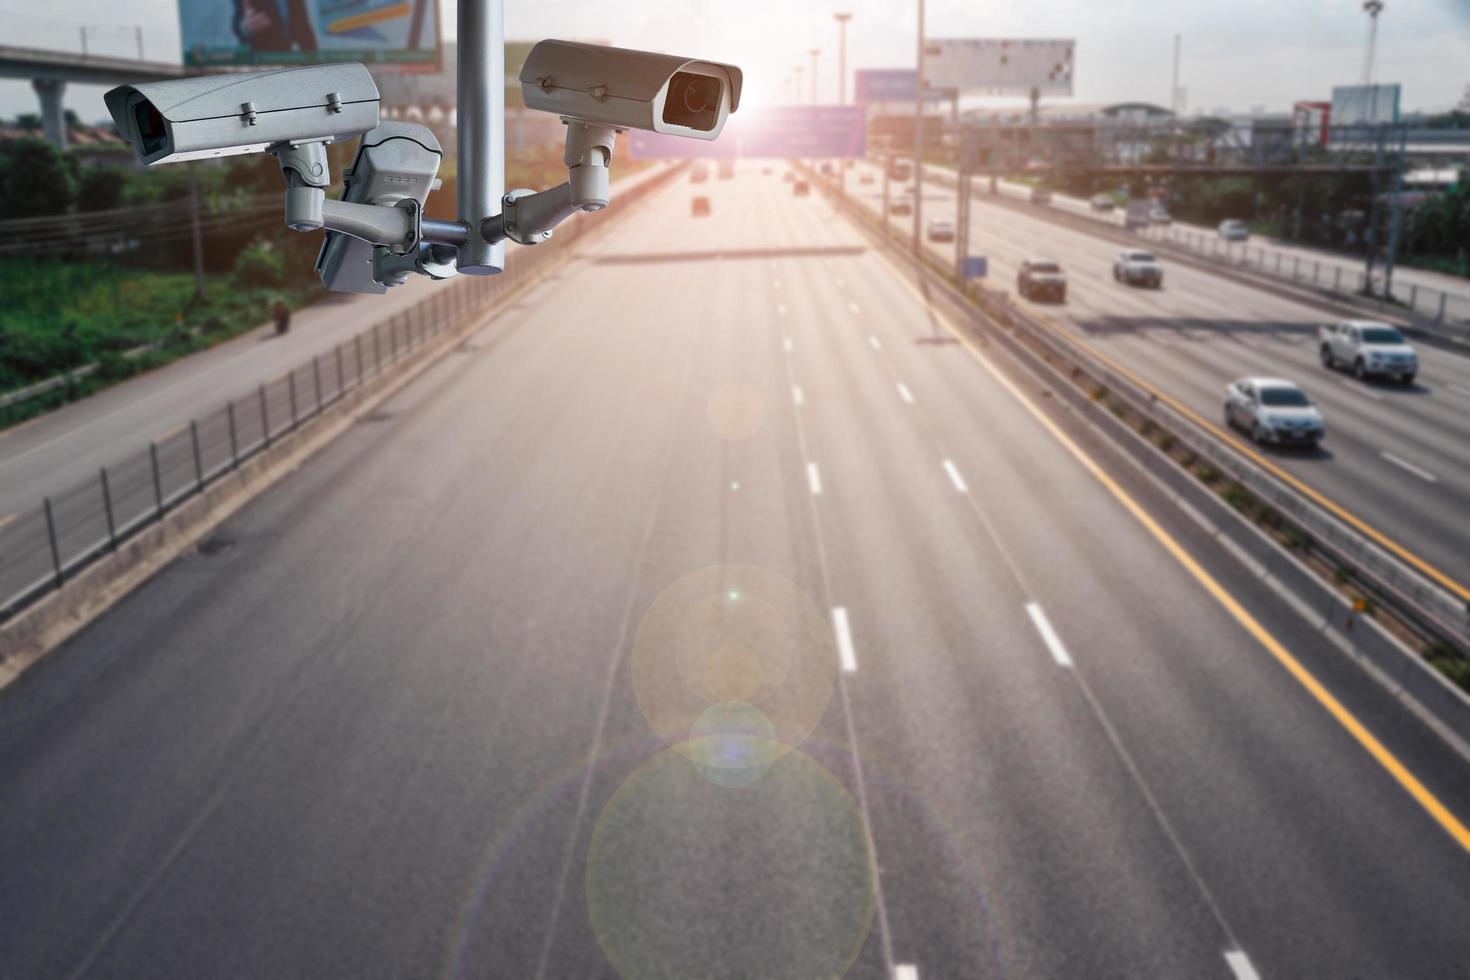 Cámaras de circuito cerrado de televisión en el paso elevado para grabar en las carreteras. foto